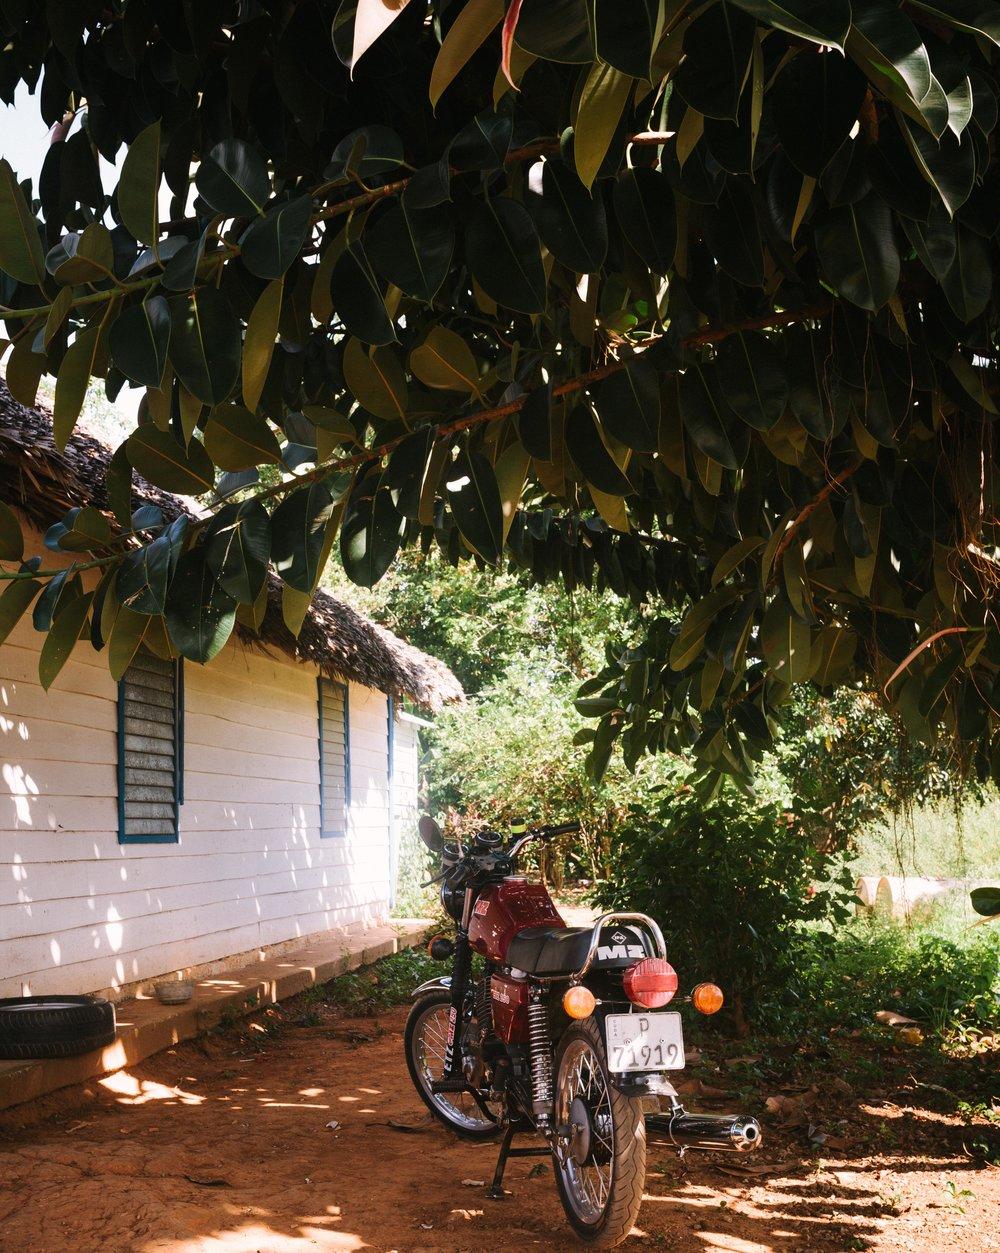 Cuba2017-53.jpg